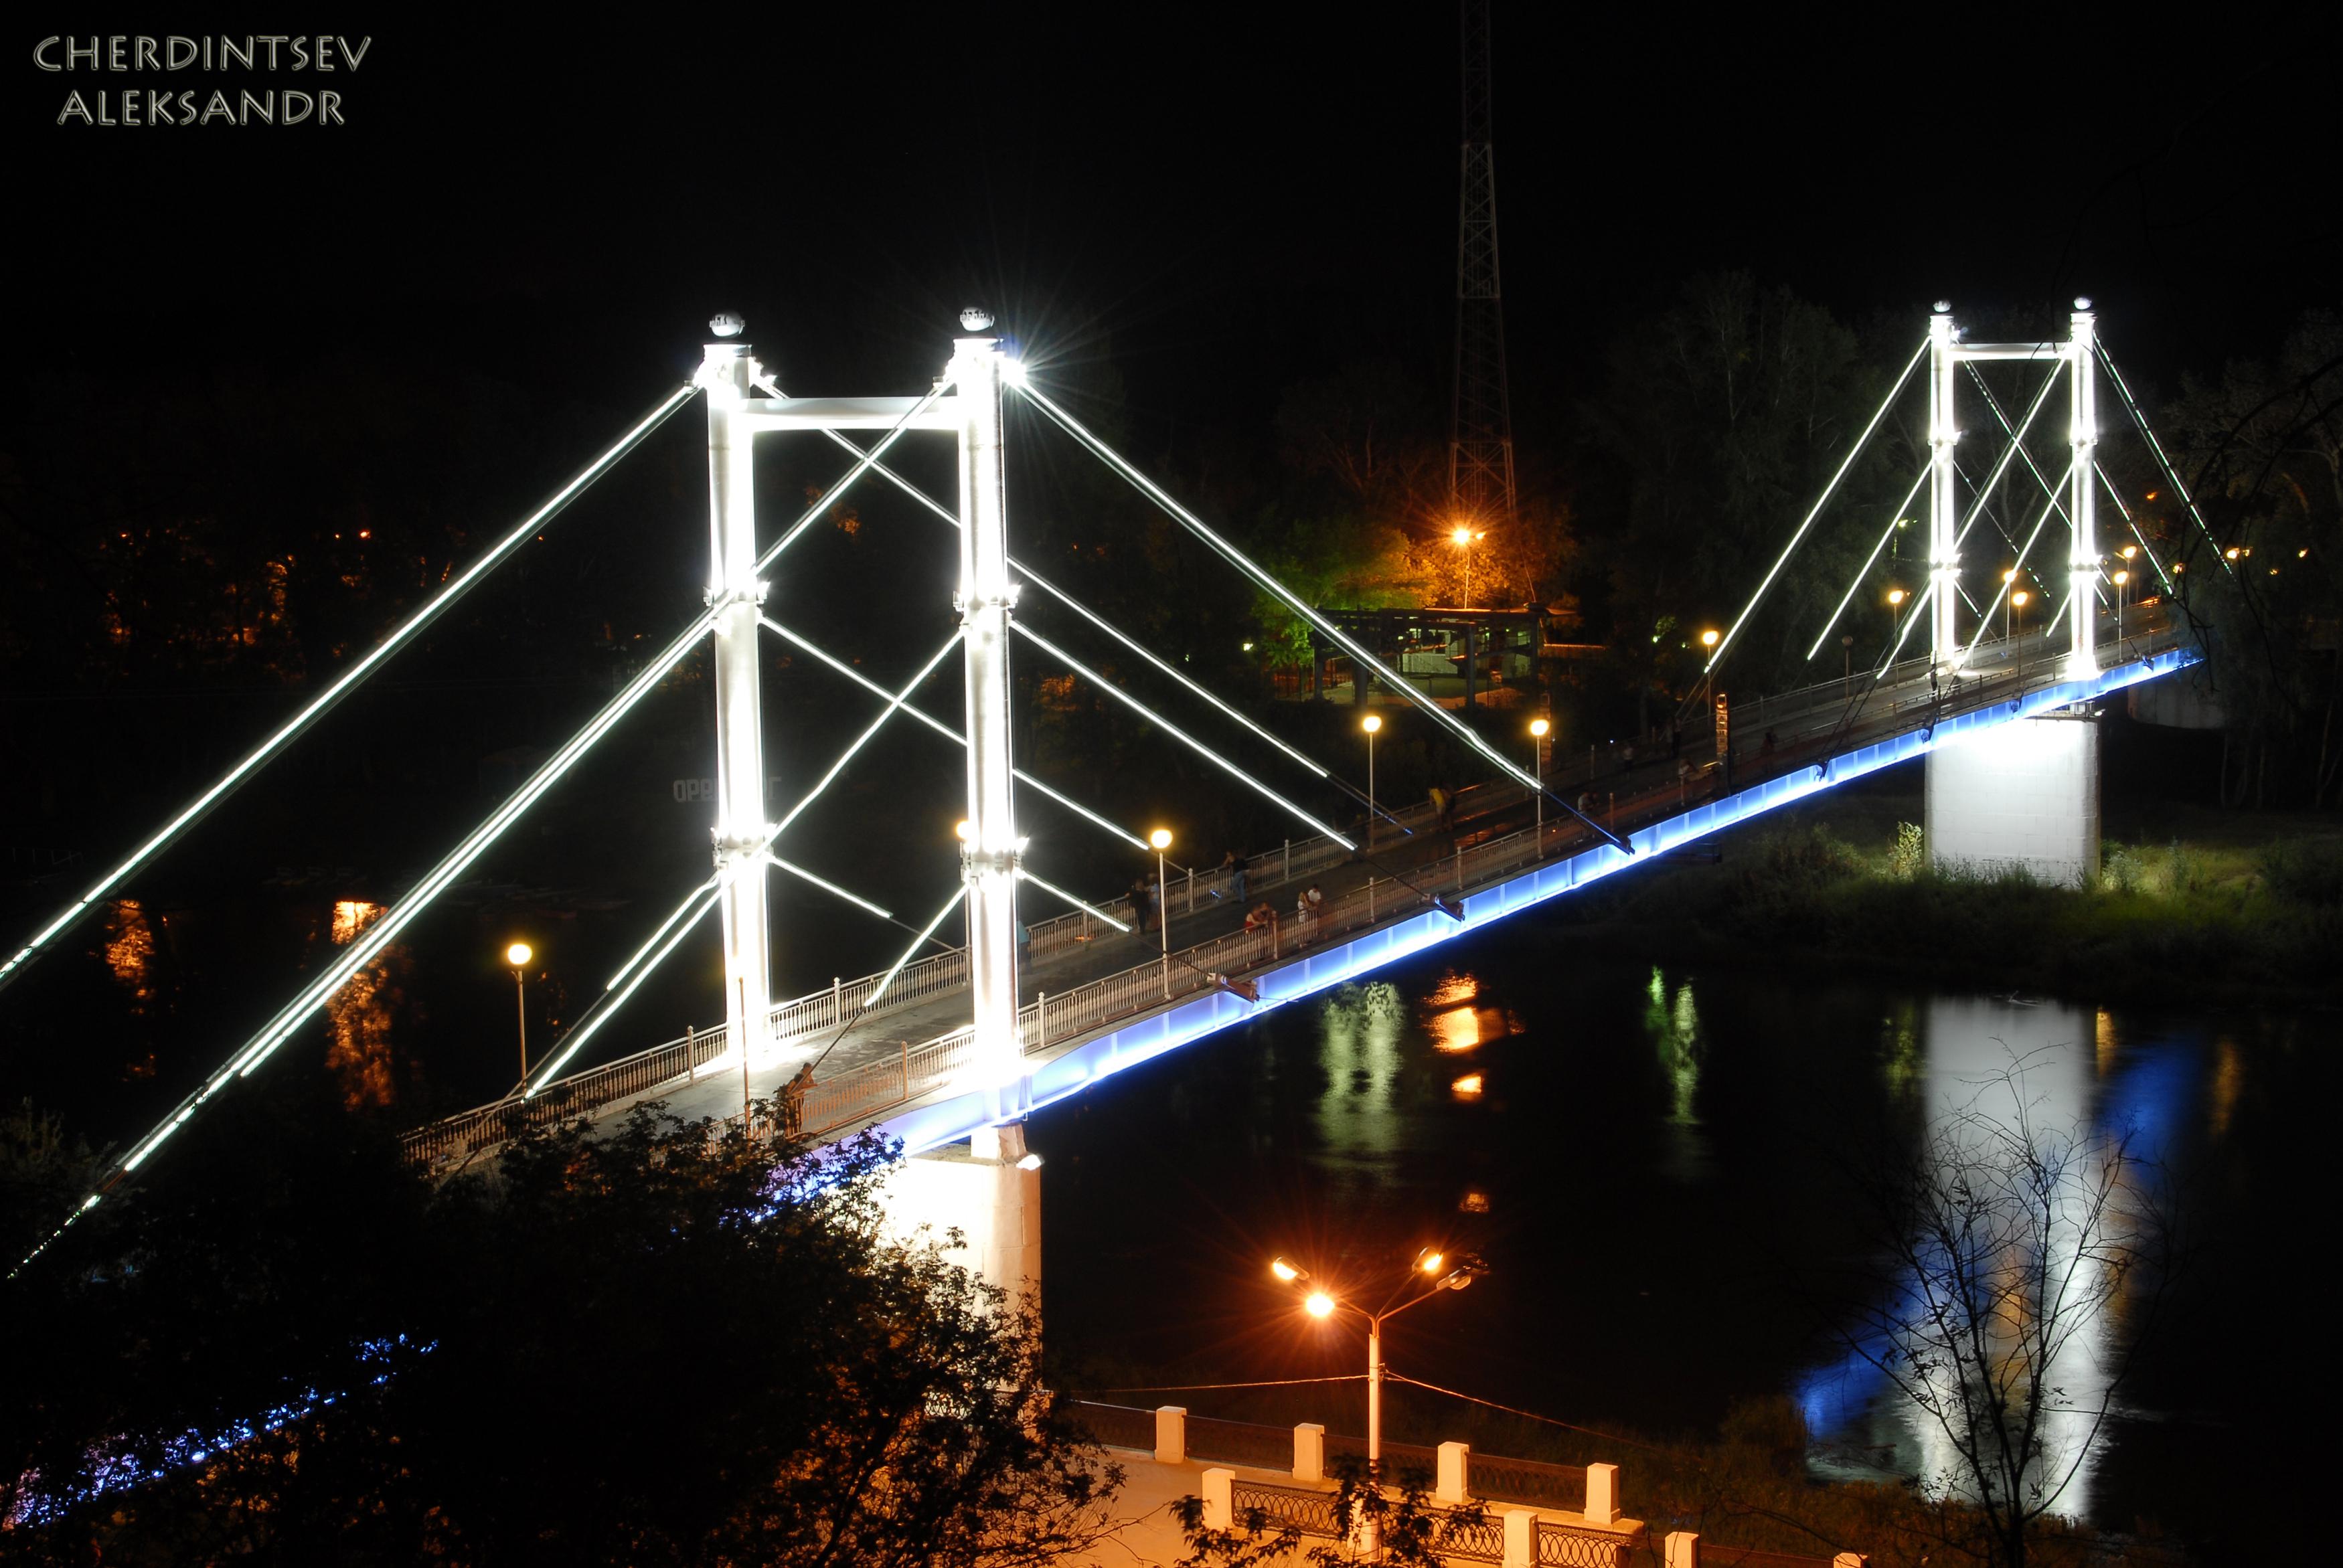 Фото и описание: пешеходный подвесной мост на набережной оренбурга. Одним из символов оренбурга является пешеходный мост через речку урал. Река урал символически делит город на европу и азию, о чем и свидетельствует стела на середине моста. Так что, проходя половину моста в европе,